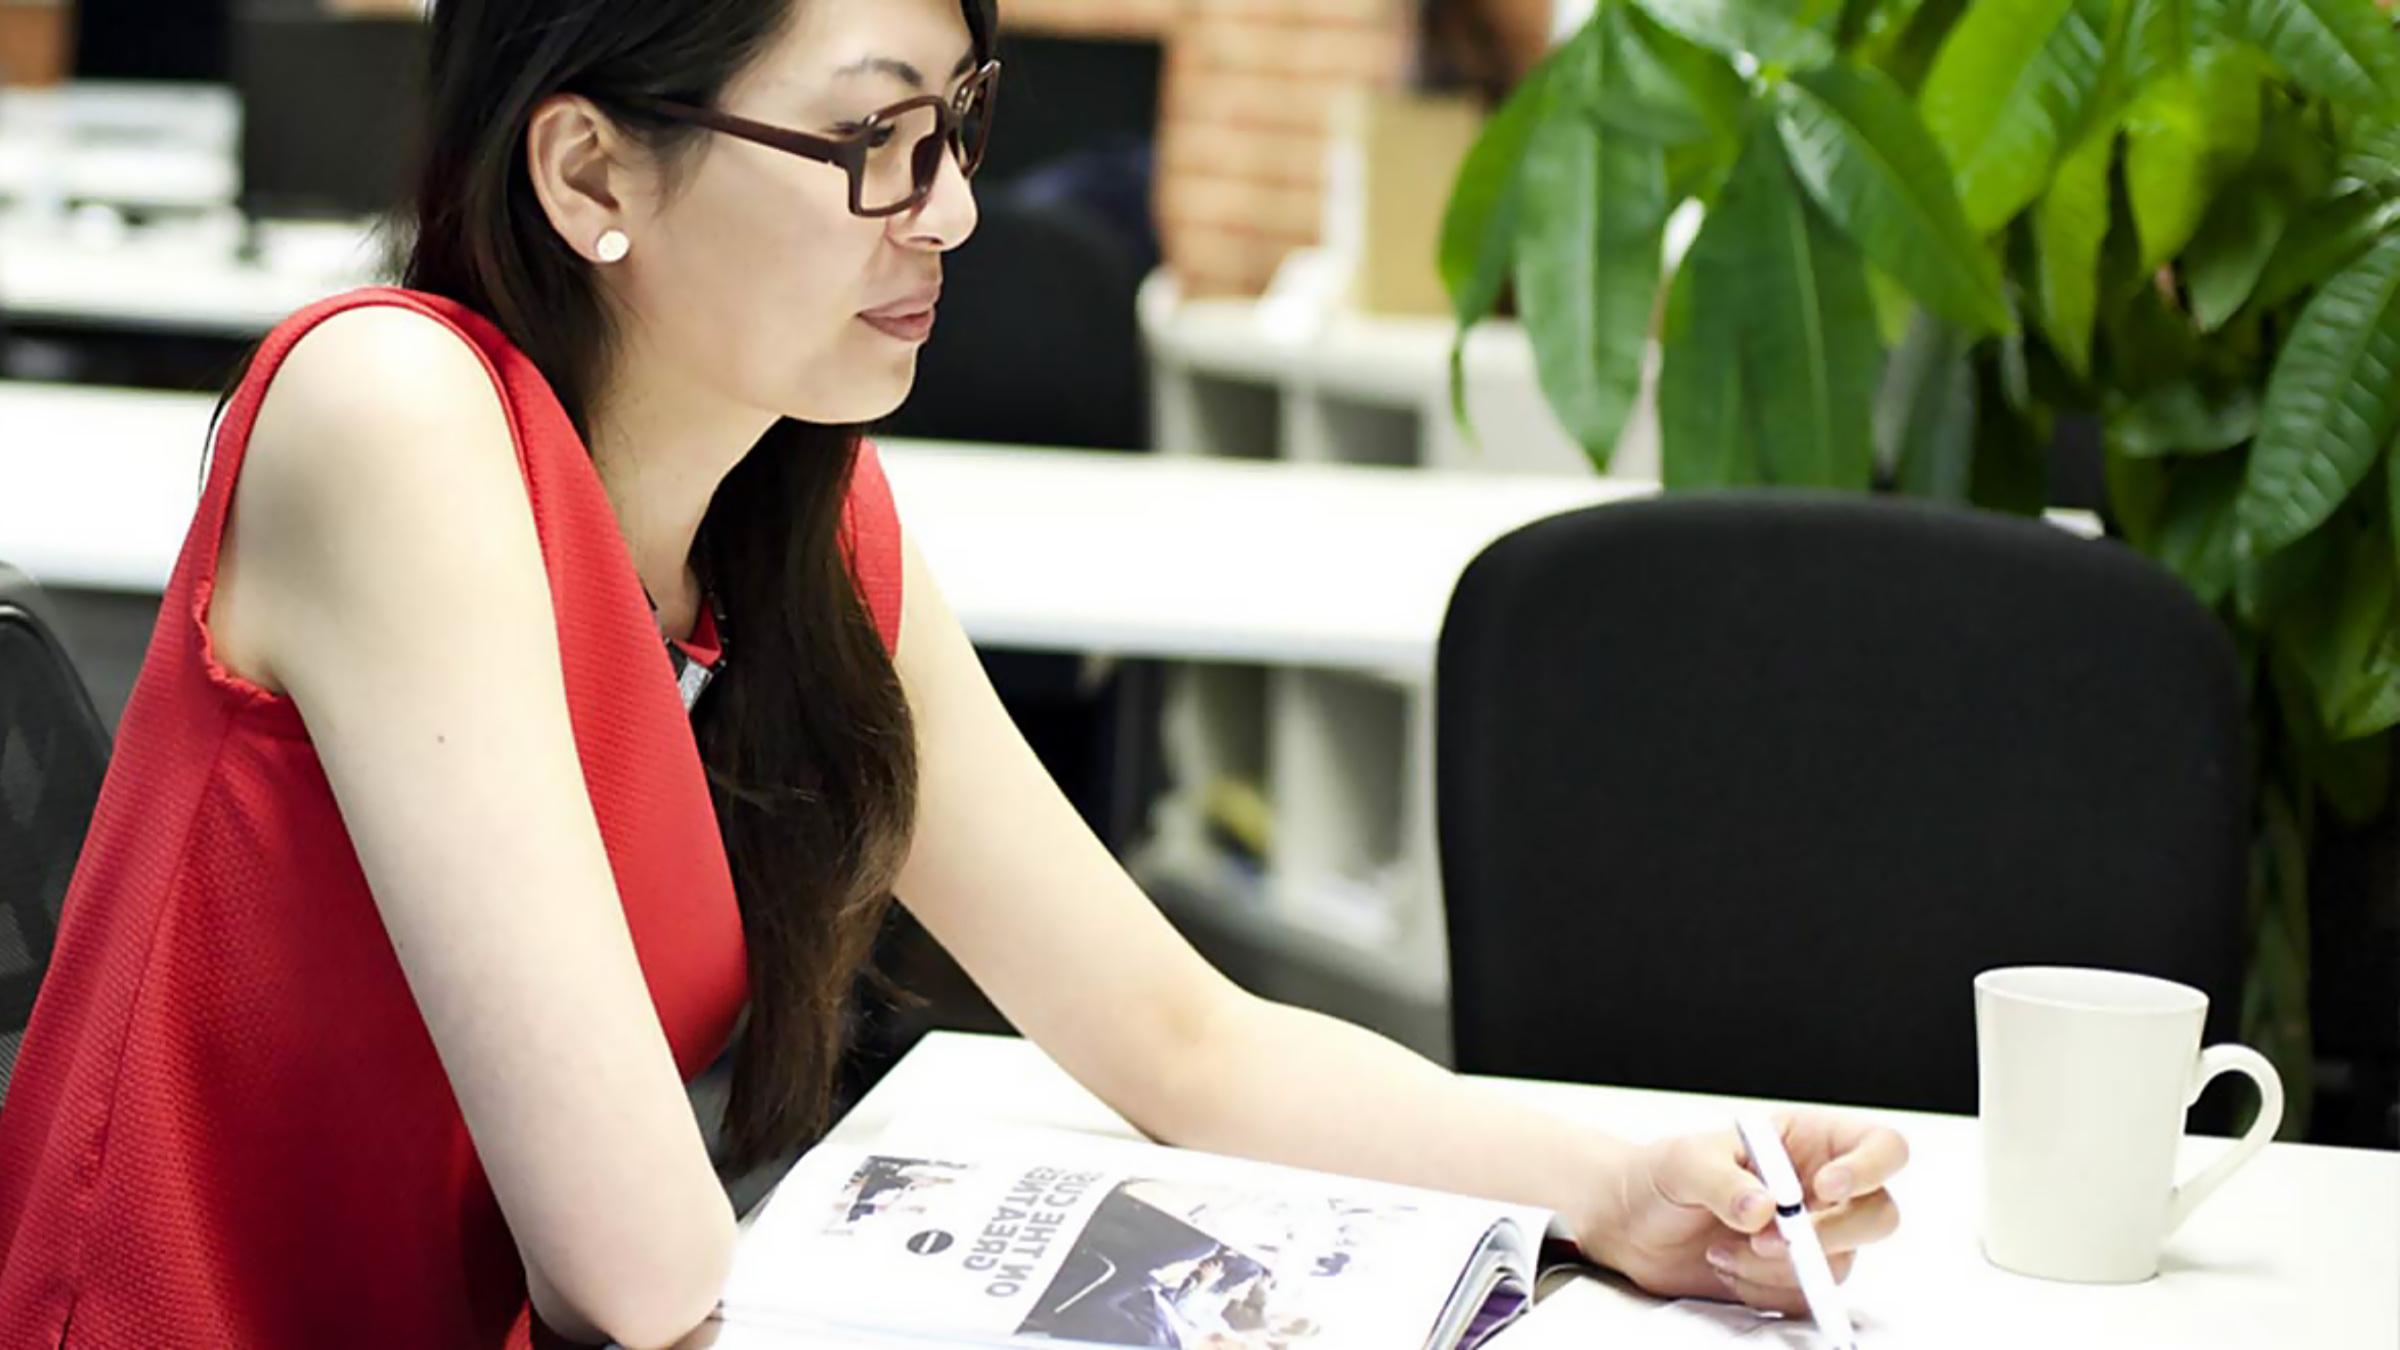 야외에서 Surface Book으로 작업 중인 여성